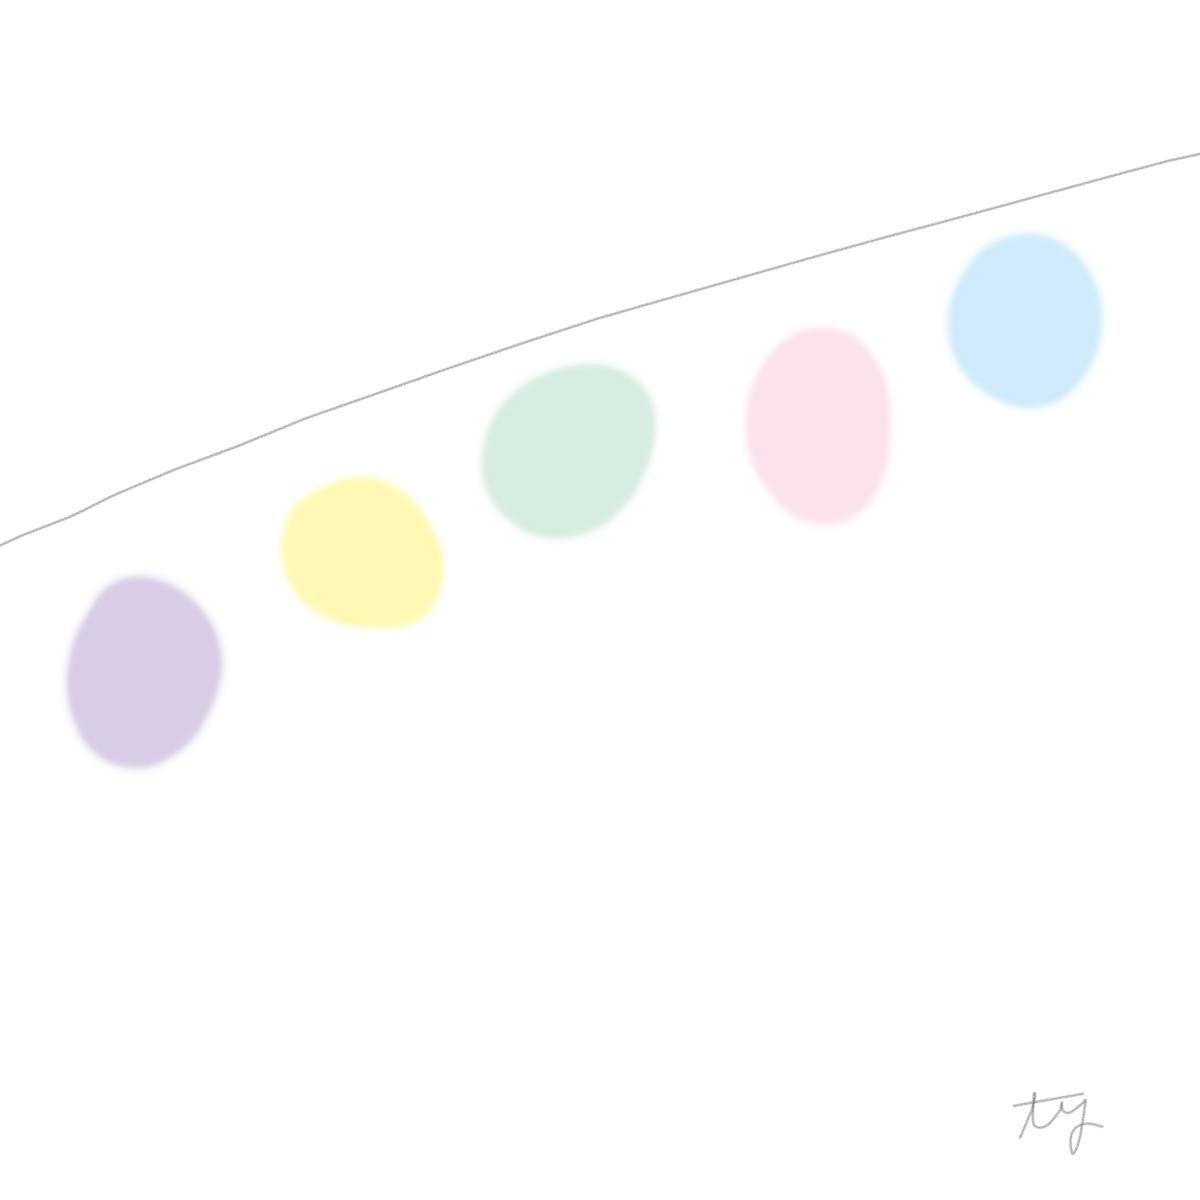 f:id:tsuyu-kusa:20210122215239j:plain